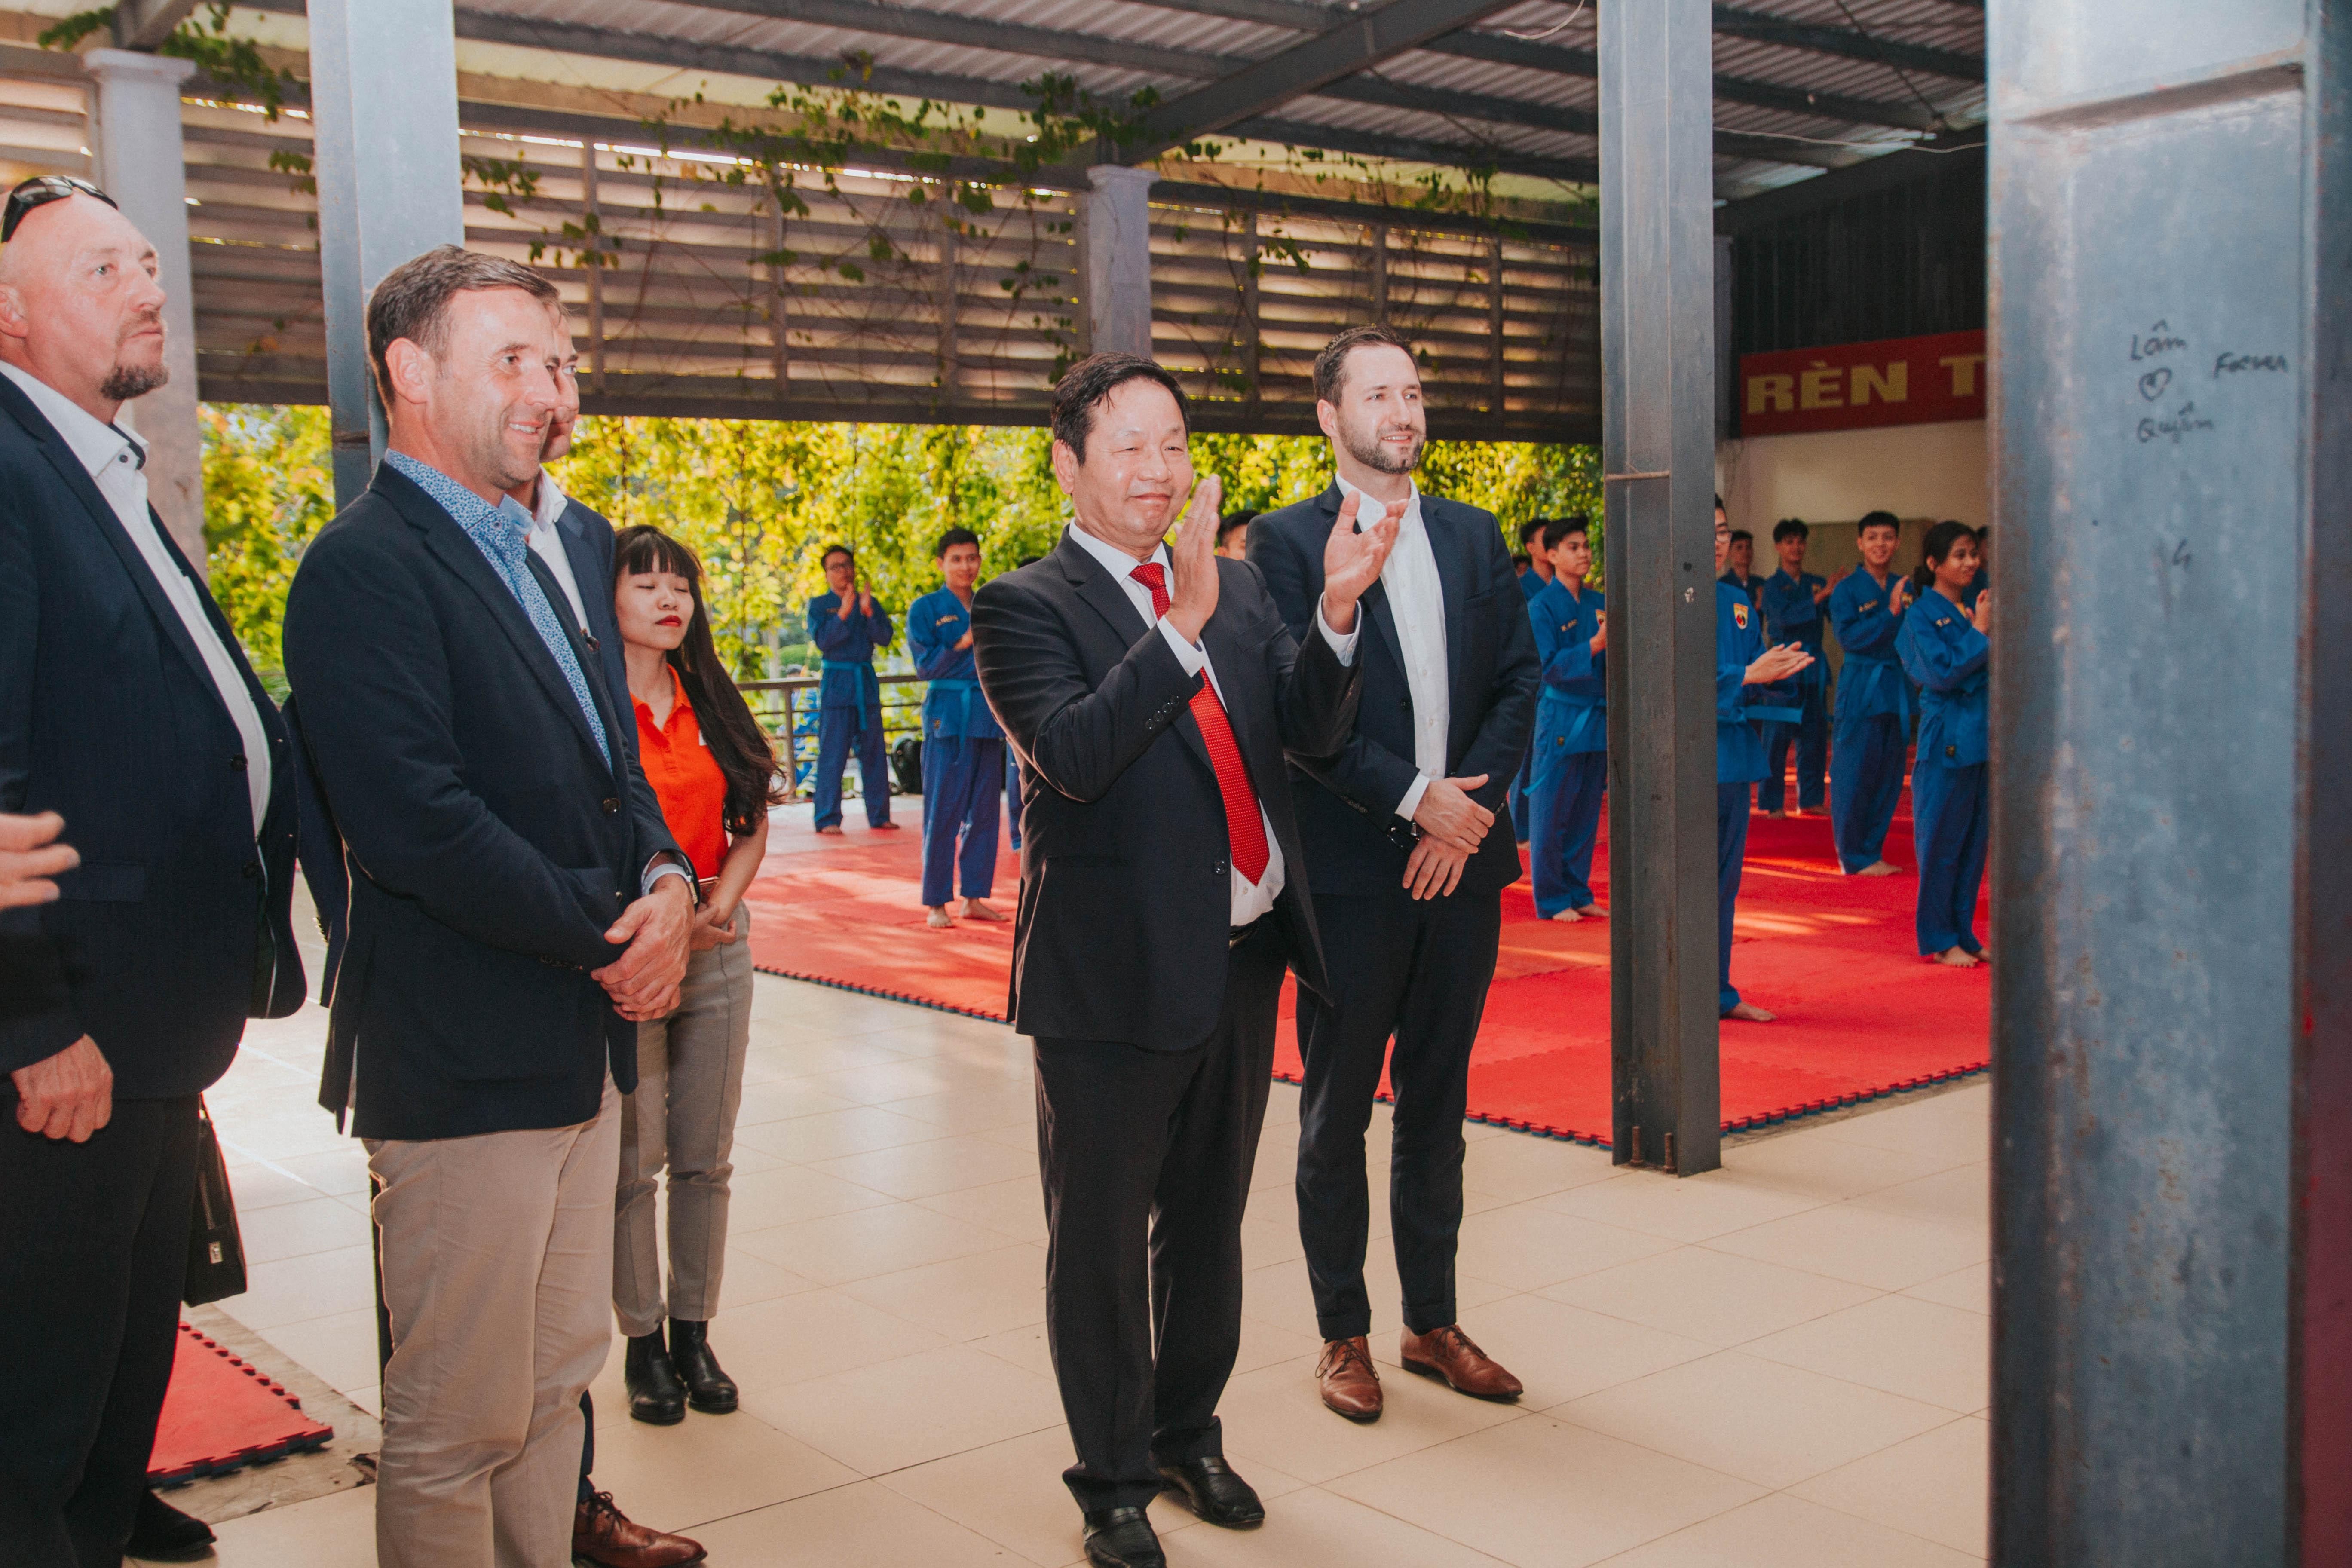 Chủ tịch FPT Trương Gia Bình dẫn đầu đoàn thăm ĐH FPT. Điểm đến đầu tiên là khu học võ Vovinam, nơi có gần 200 học viên mặc võ phục chuẩn bị bước vào buổi tập.